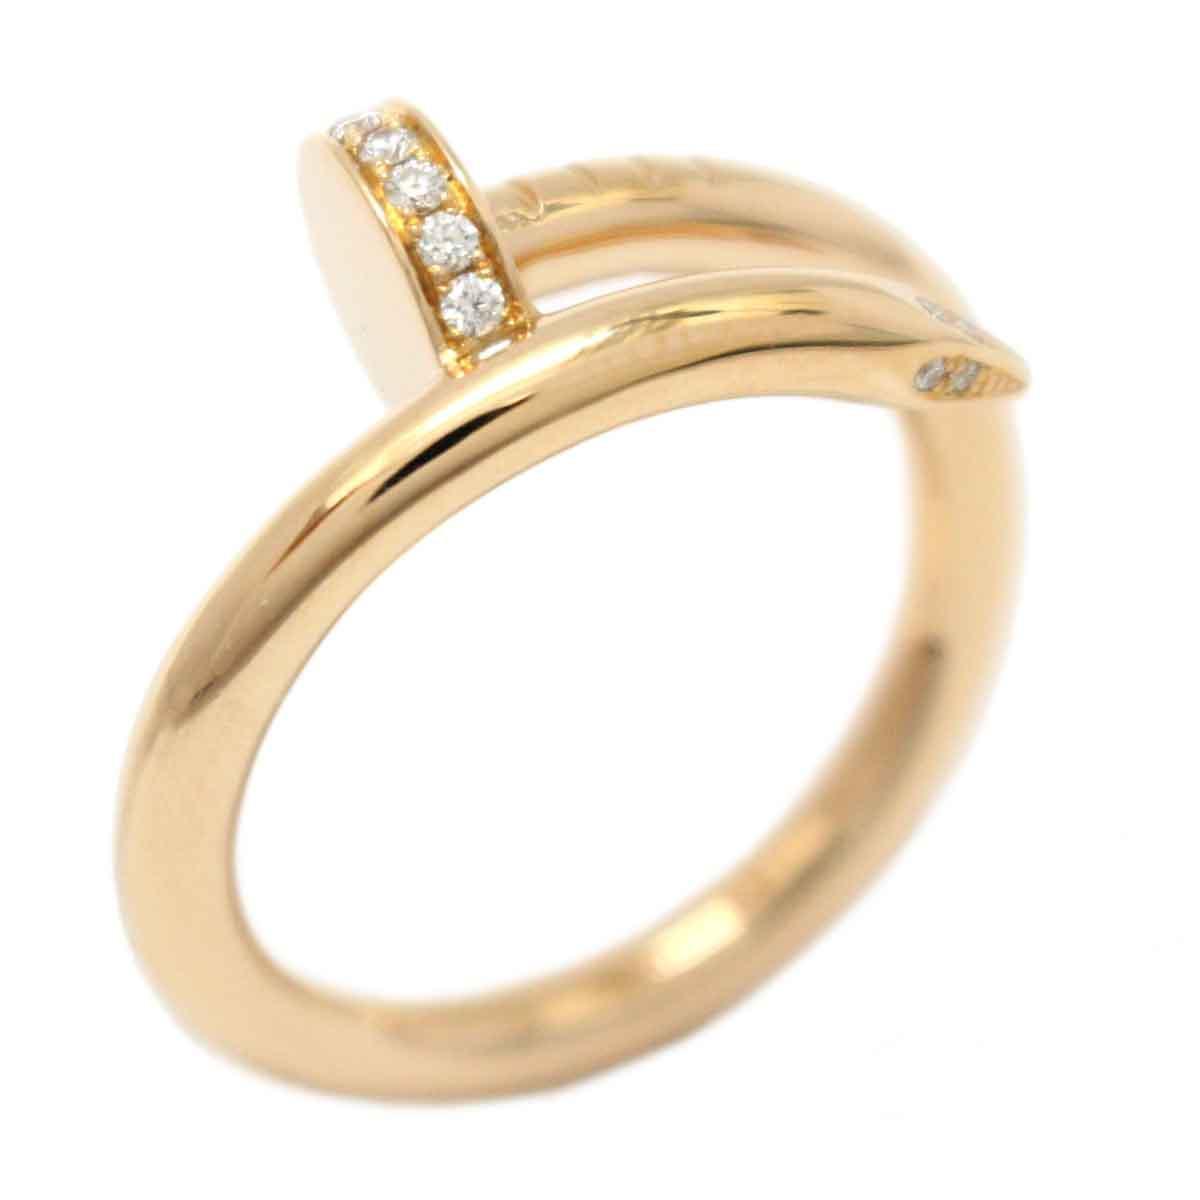 ジュストアンクル ダイヤンモンド リング 指輪/おすすめ #56/14号